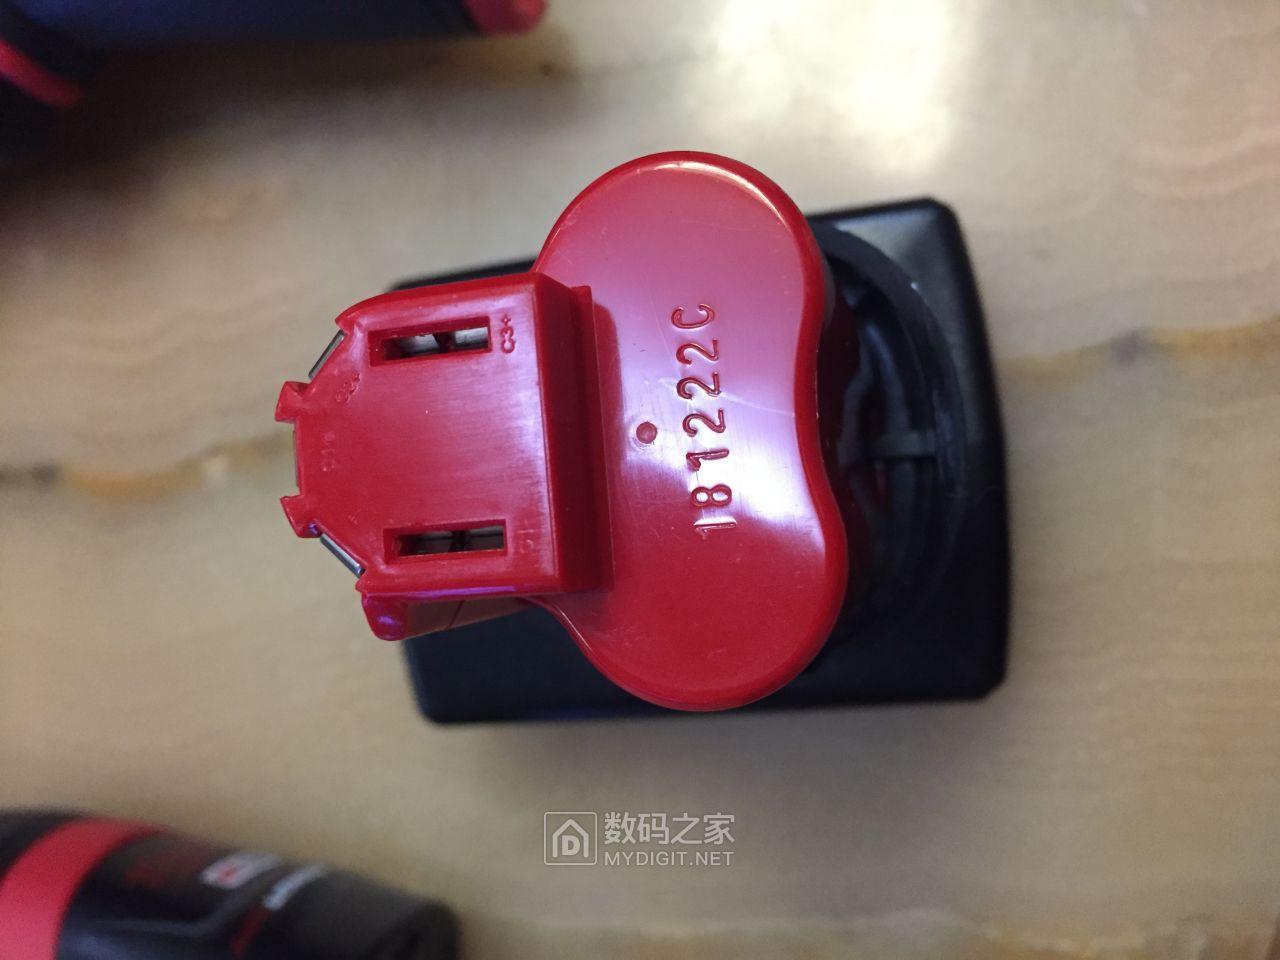 234.0电池的生产日期.JPG